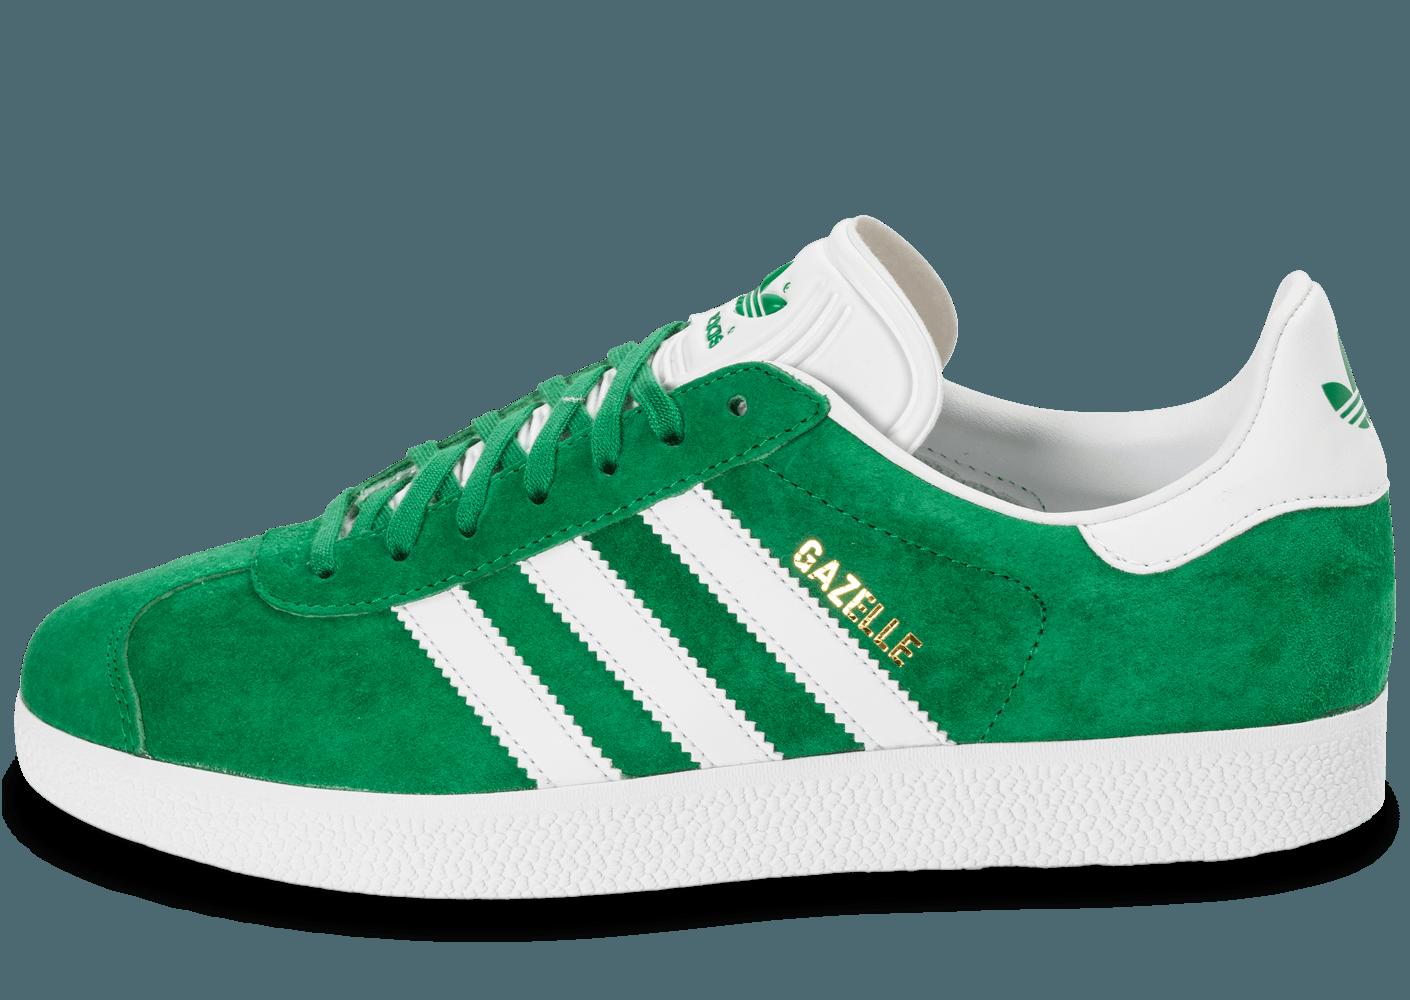 adidas gazelle femme vert clair